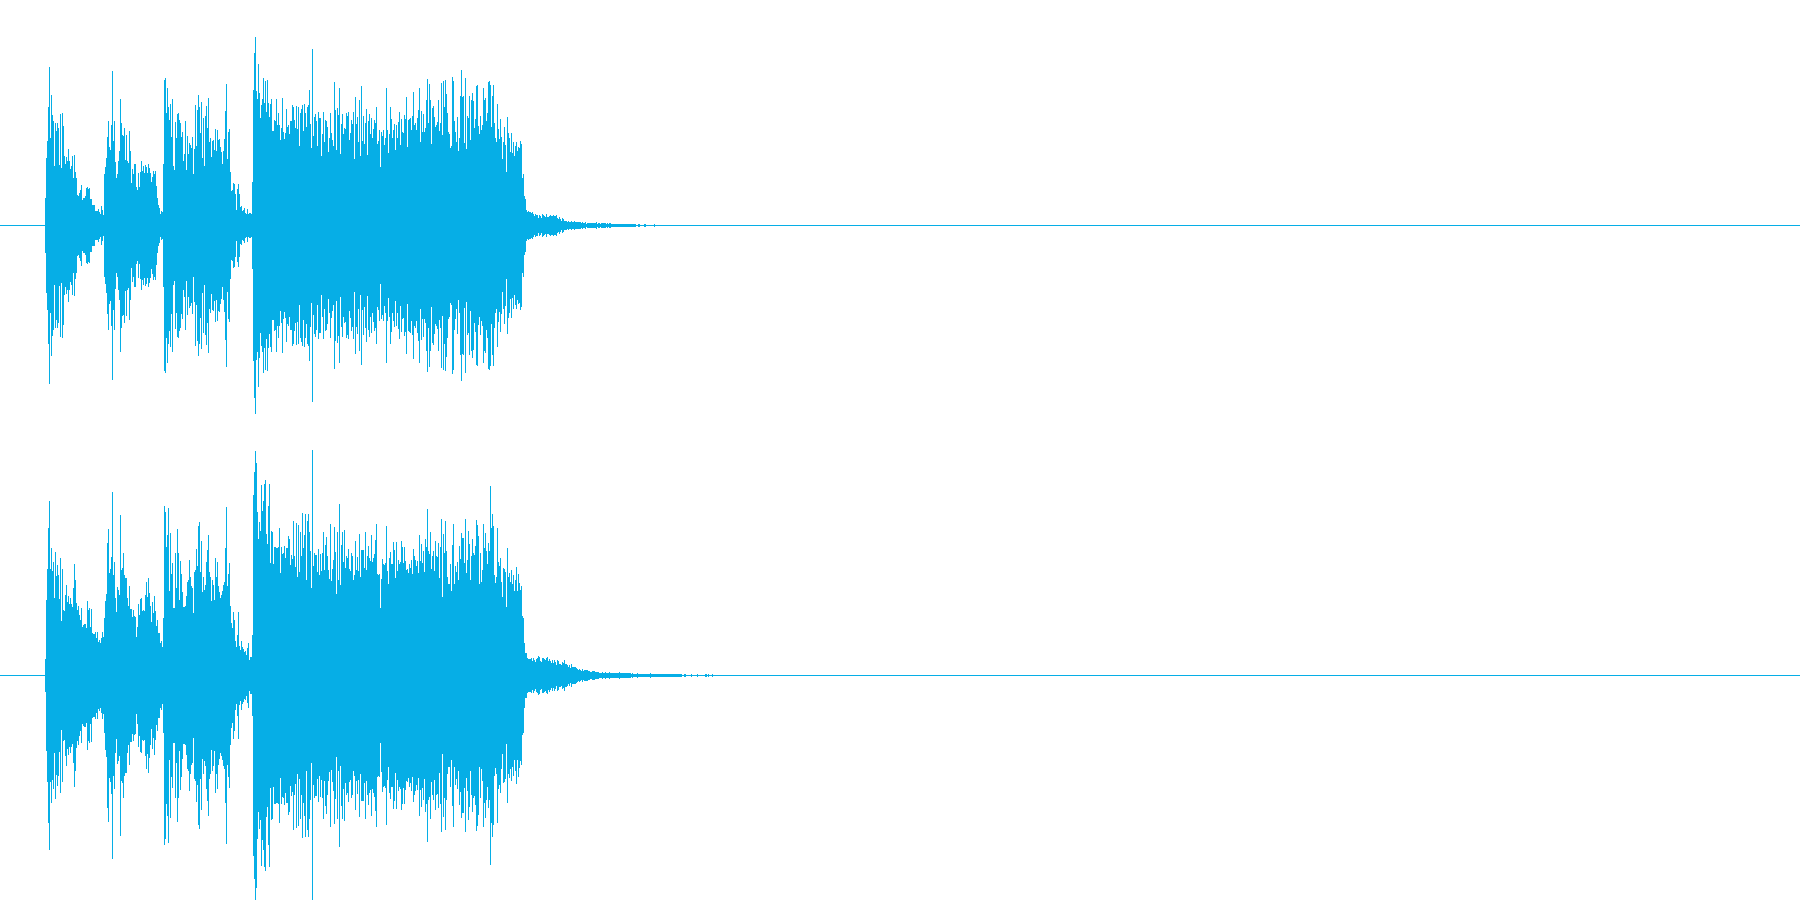 躍動 アタック クイズ 大人の再生済みの波形